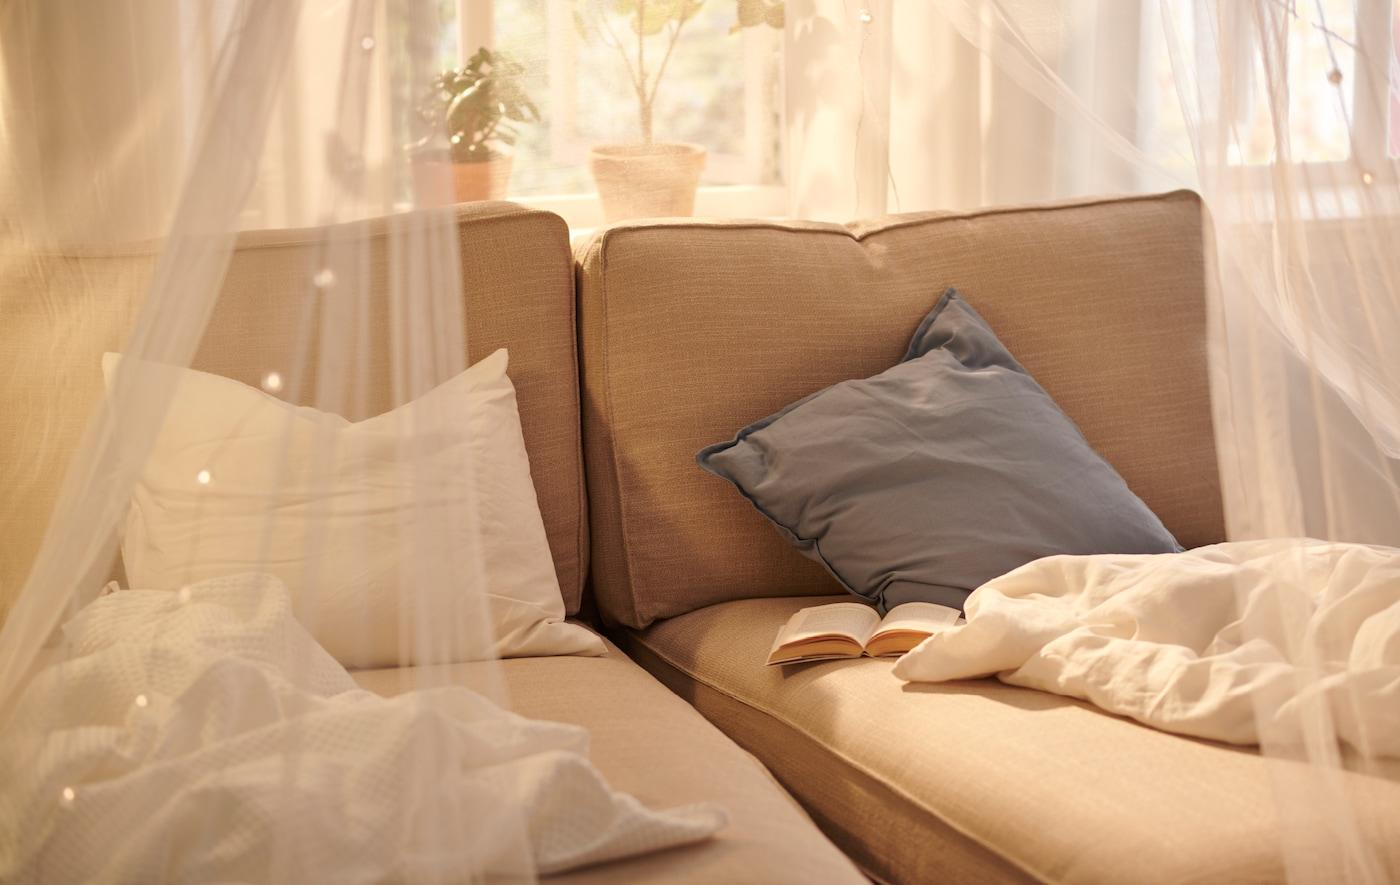 Dva bež KIVIK lenjivca, jedan pored drugog, ispod osunčanog prozora. Pokrivači na kojima je knjiga, SOLID mreža prevučena preko.